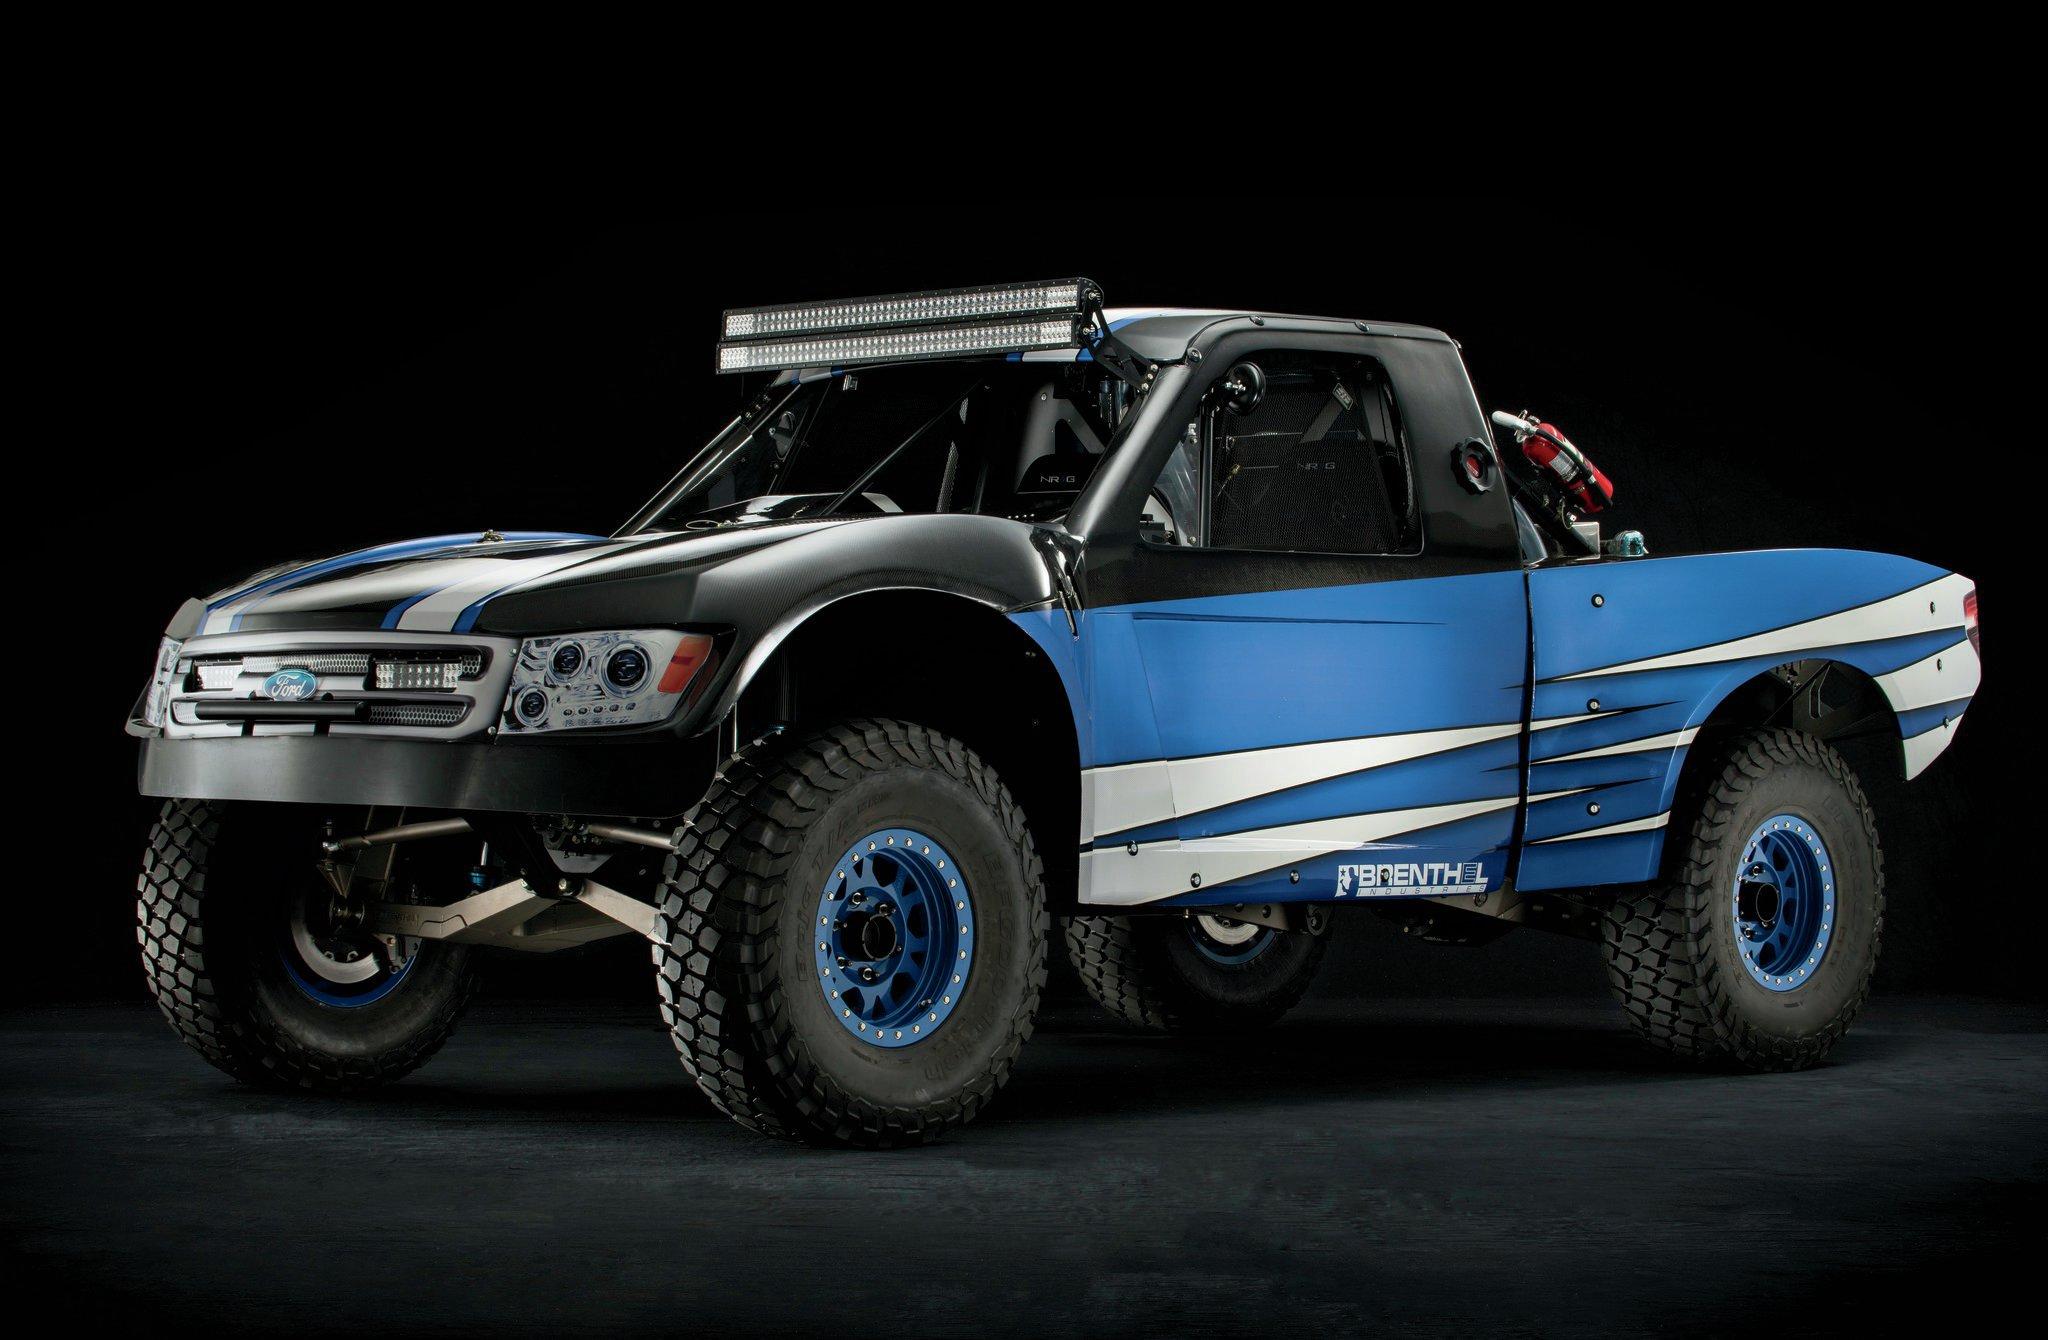 brenthel industries spec trophy truck 6100